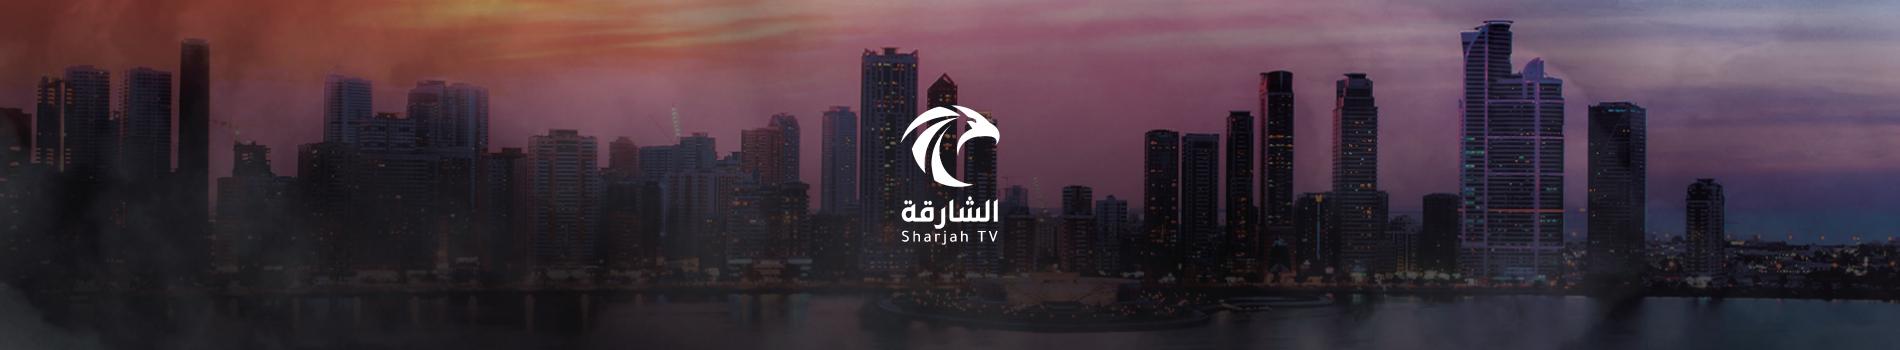 المسلسل الخليجي  أمر إخلاء